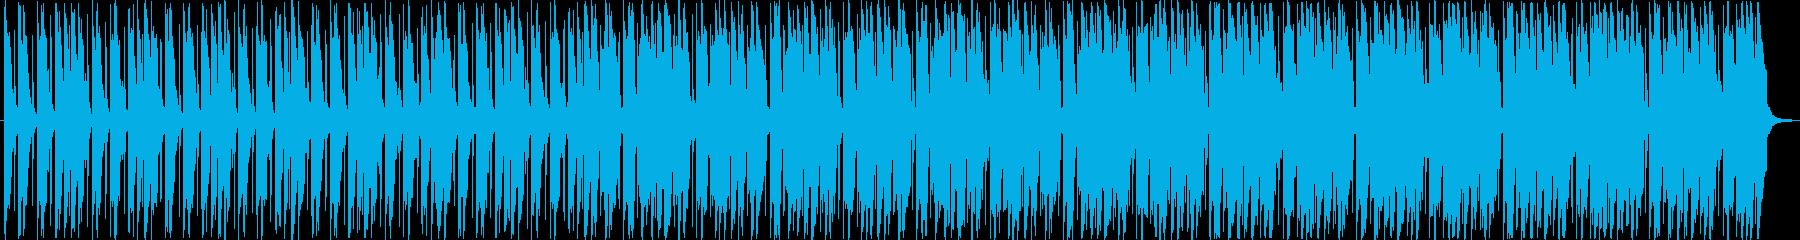 大人のイメージが漂うポップなBGMの再生済みの波形